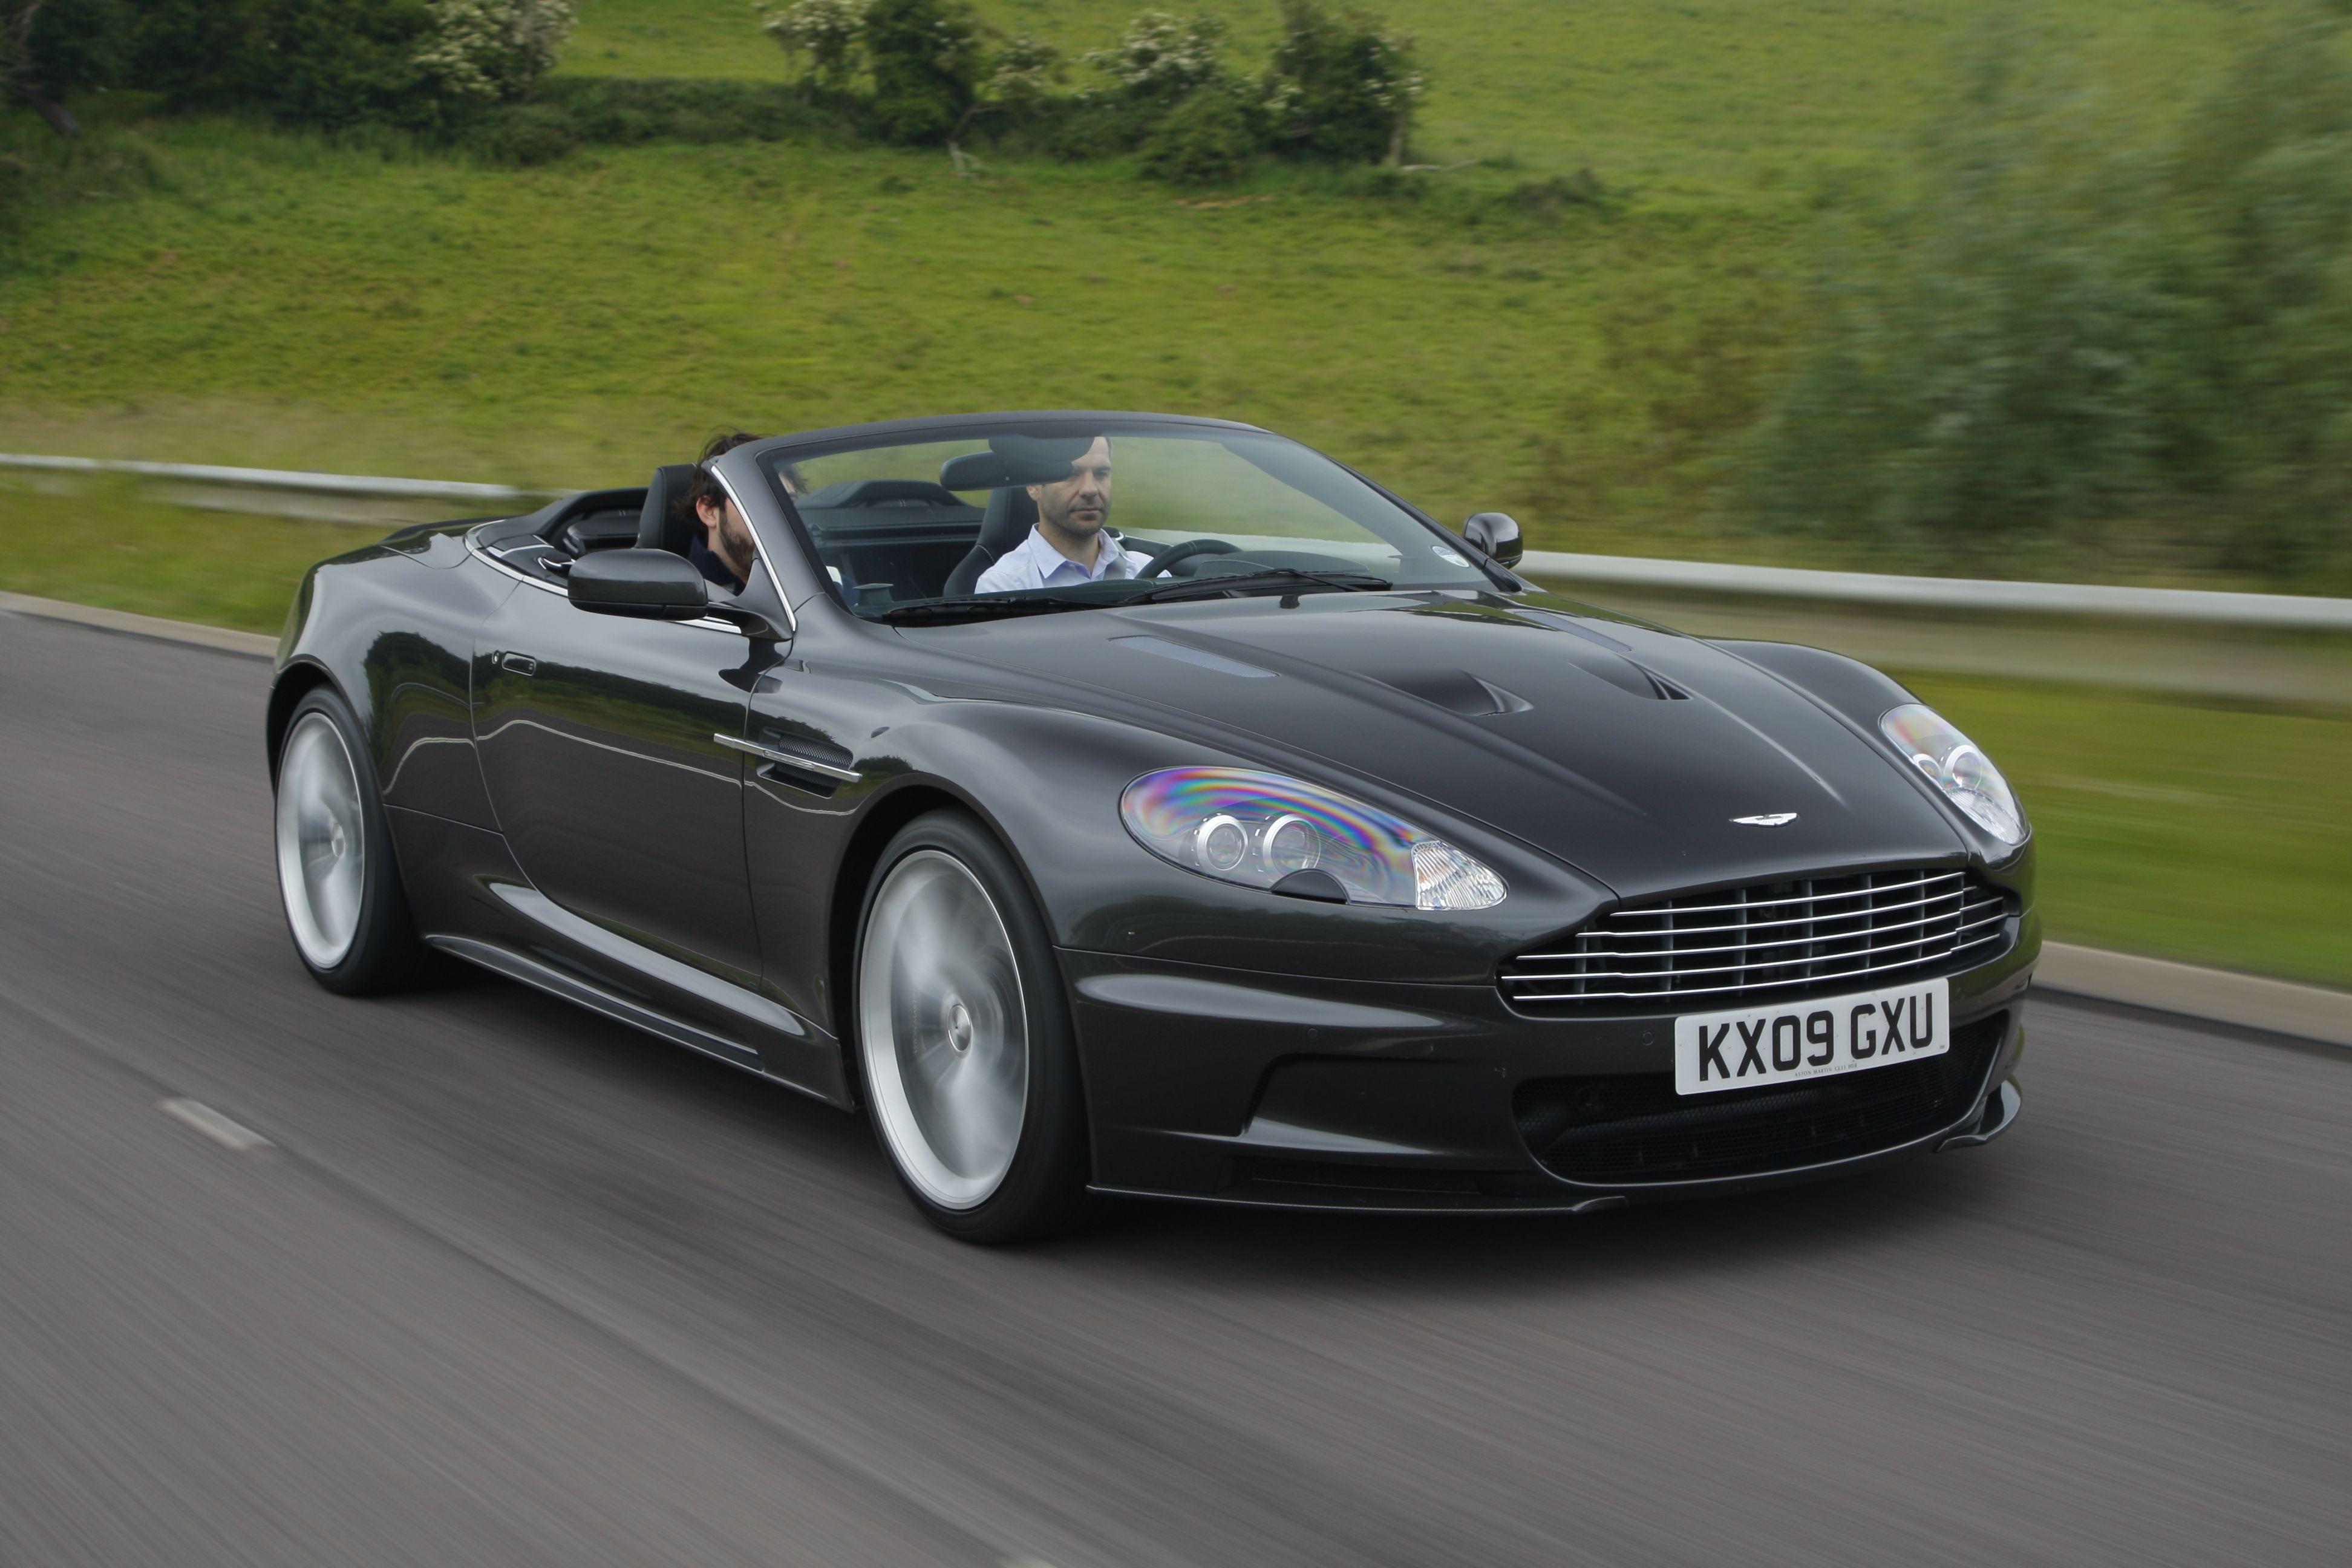 Utilisér Aston Martin Volante voitures à la vente, Chercher et acheter des